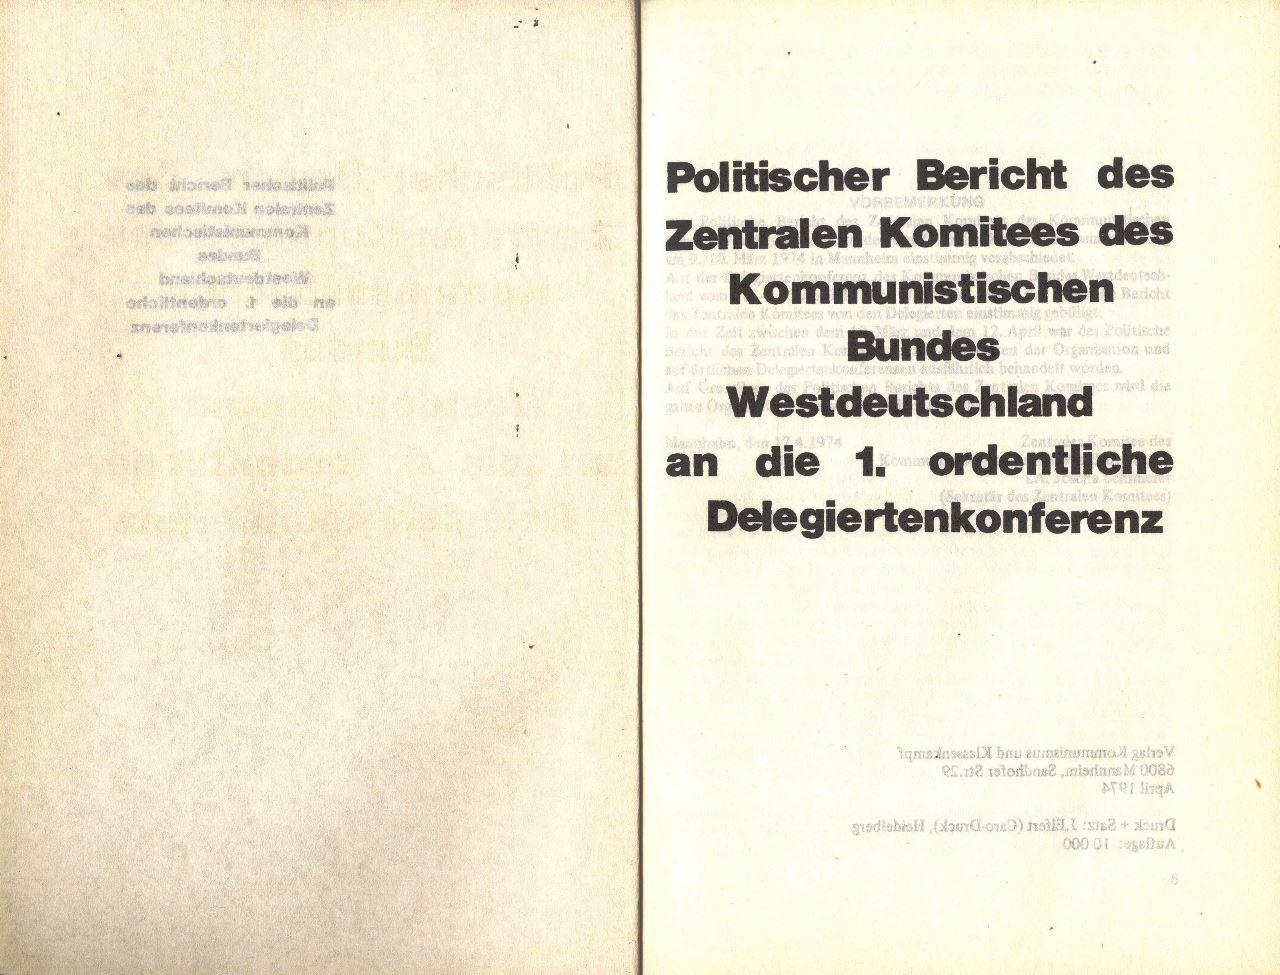 KBW_1974_Politischer_Bericht003